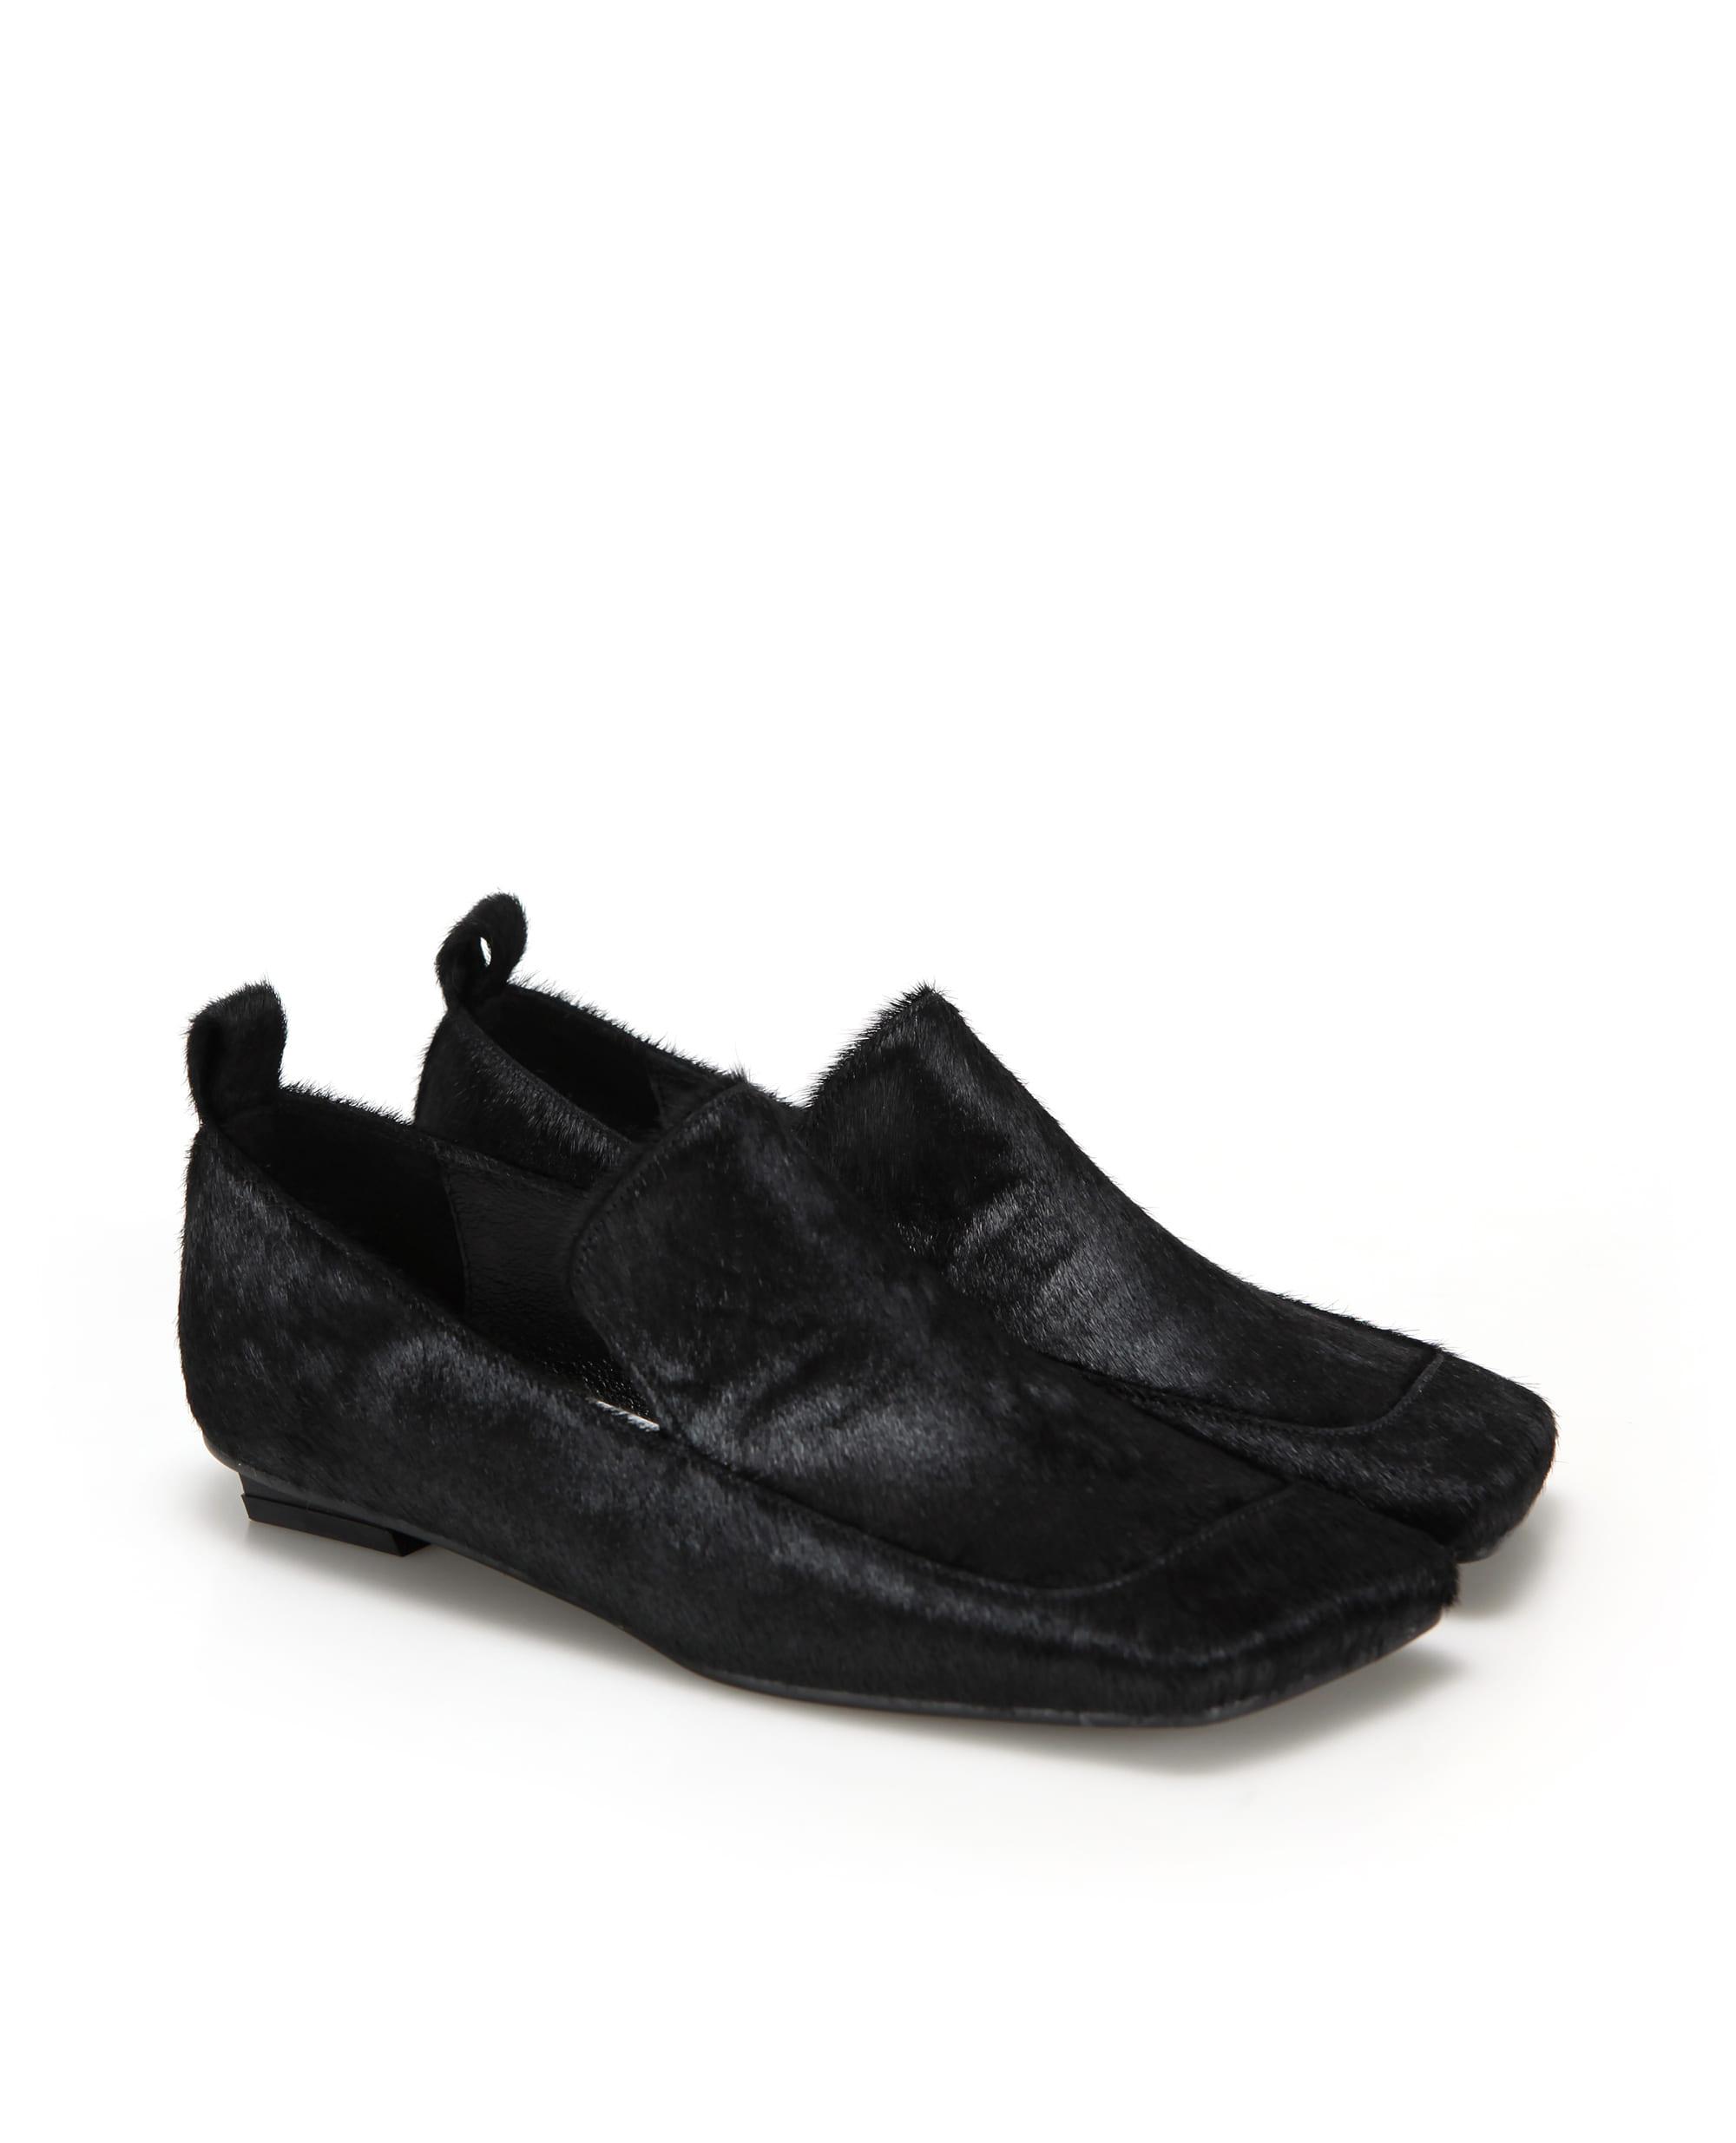 플랫아파트먼트,플랫슈즈,신발,앵클렛,볼체인,로퍼,flatshoes,flatapartment,shoes,anklet,ballchain,loafers